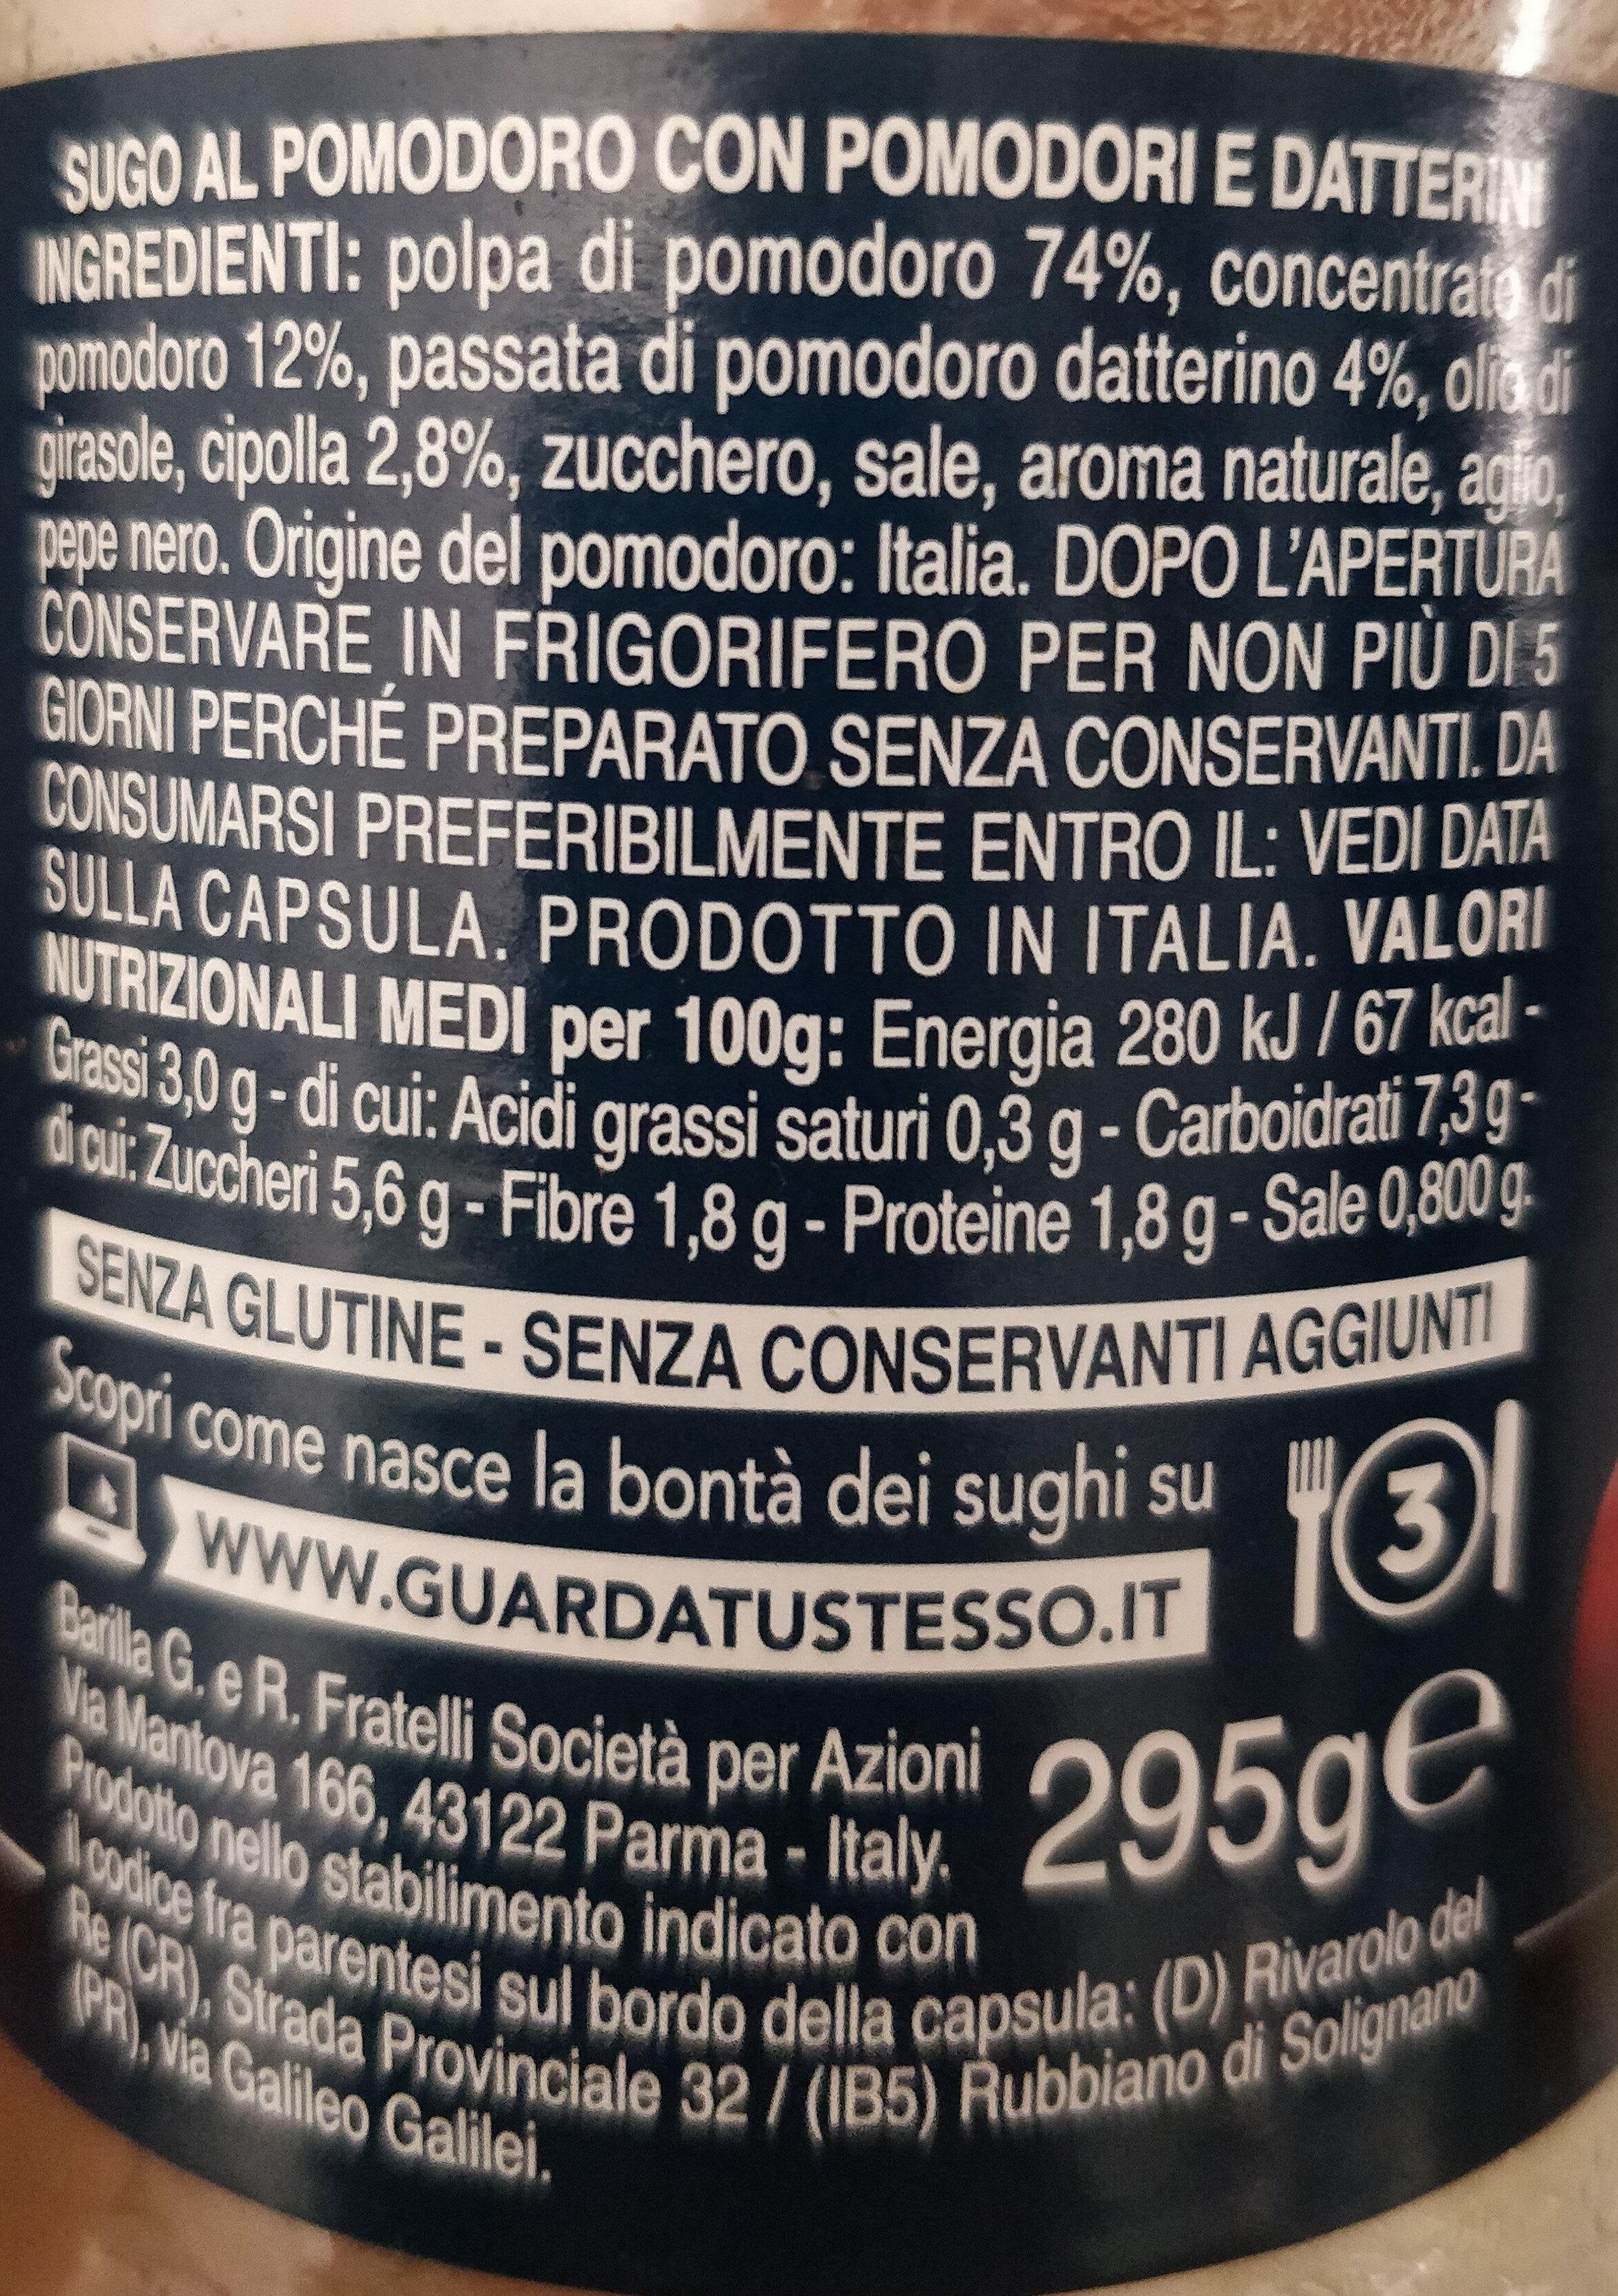 Pomodoro e datterini - Nutrition facts - it